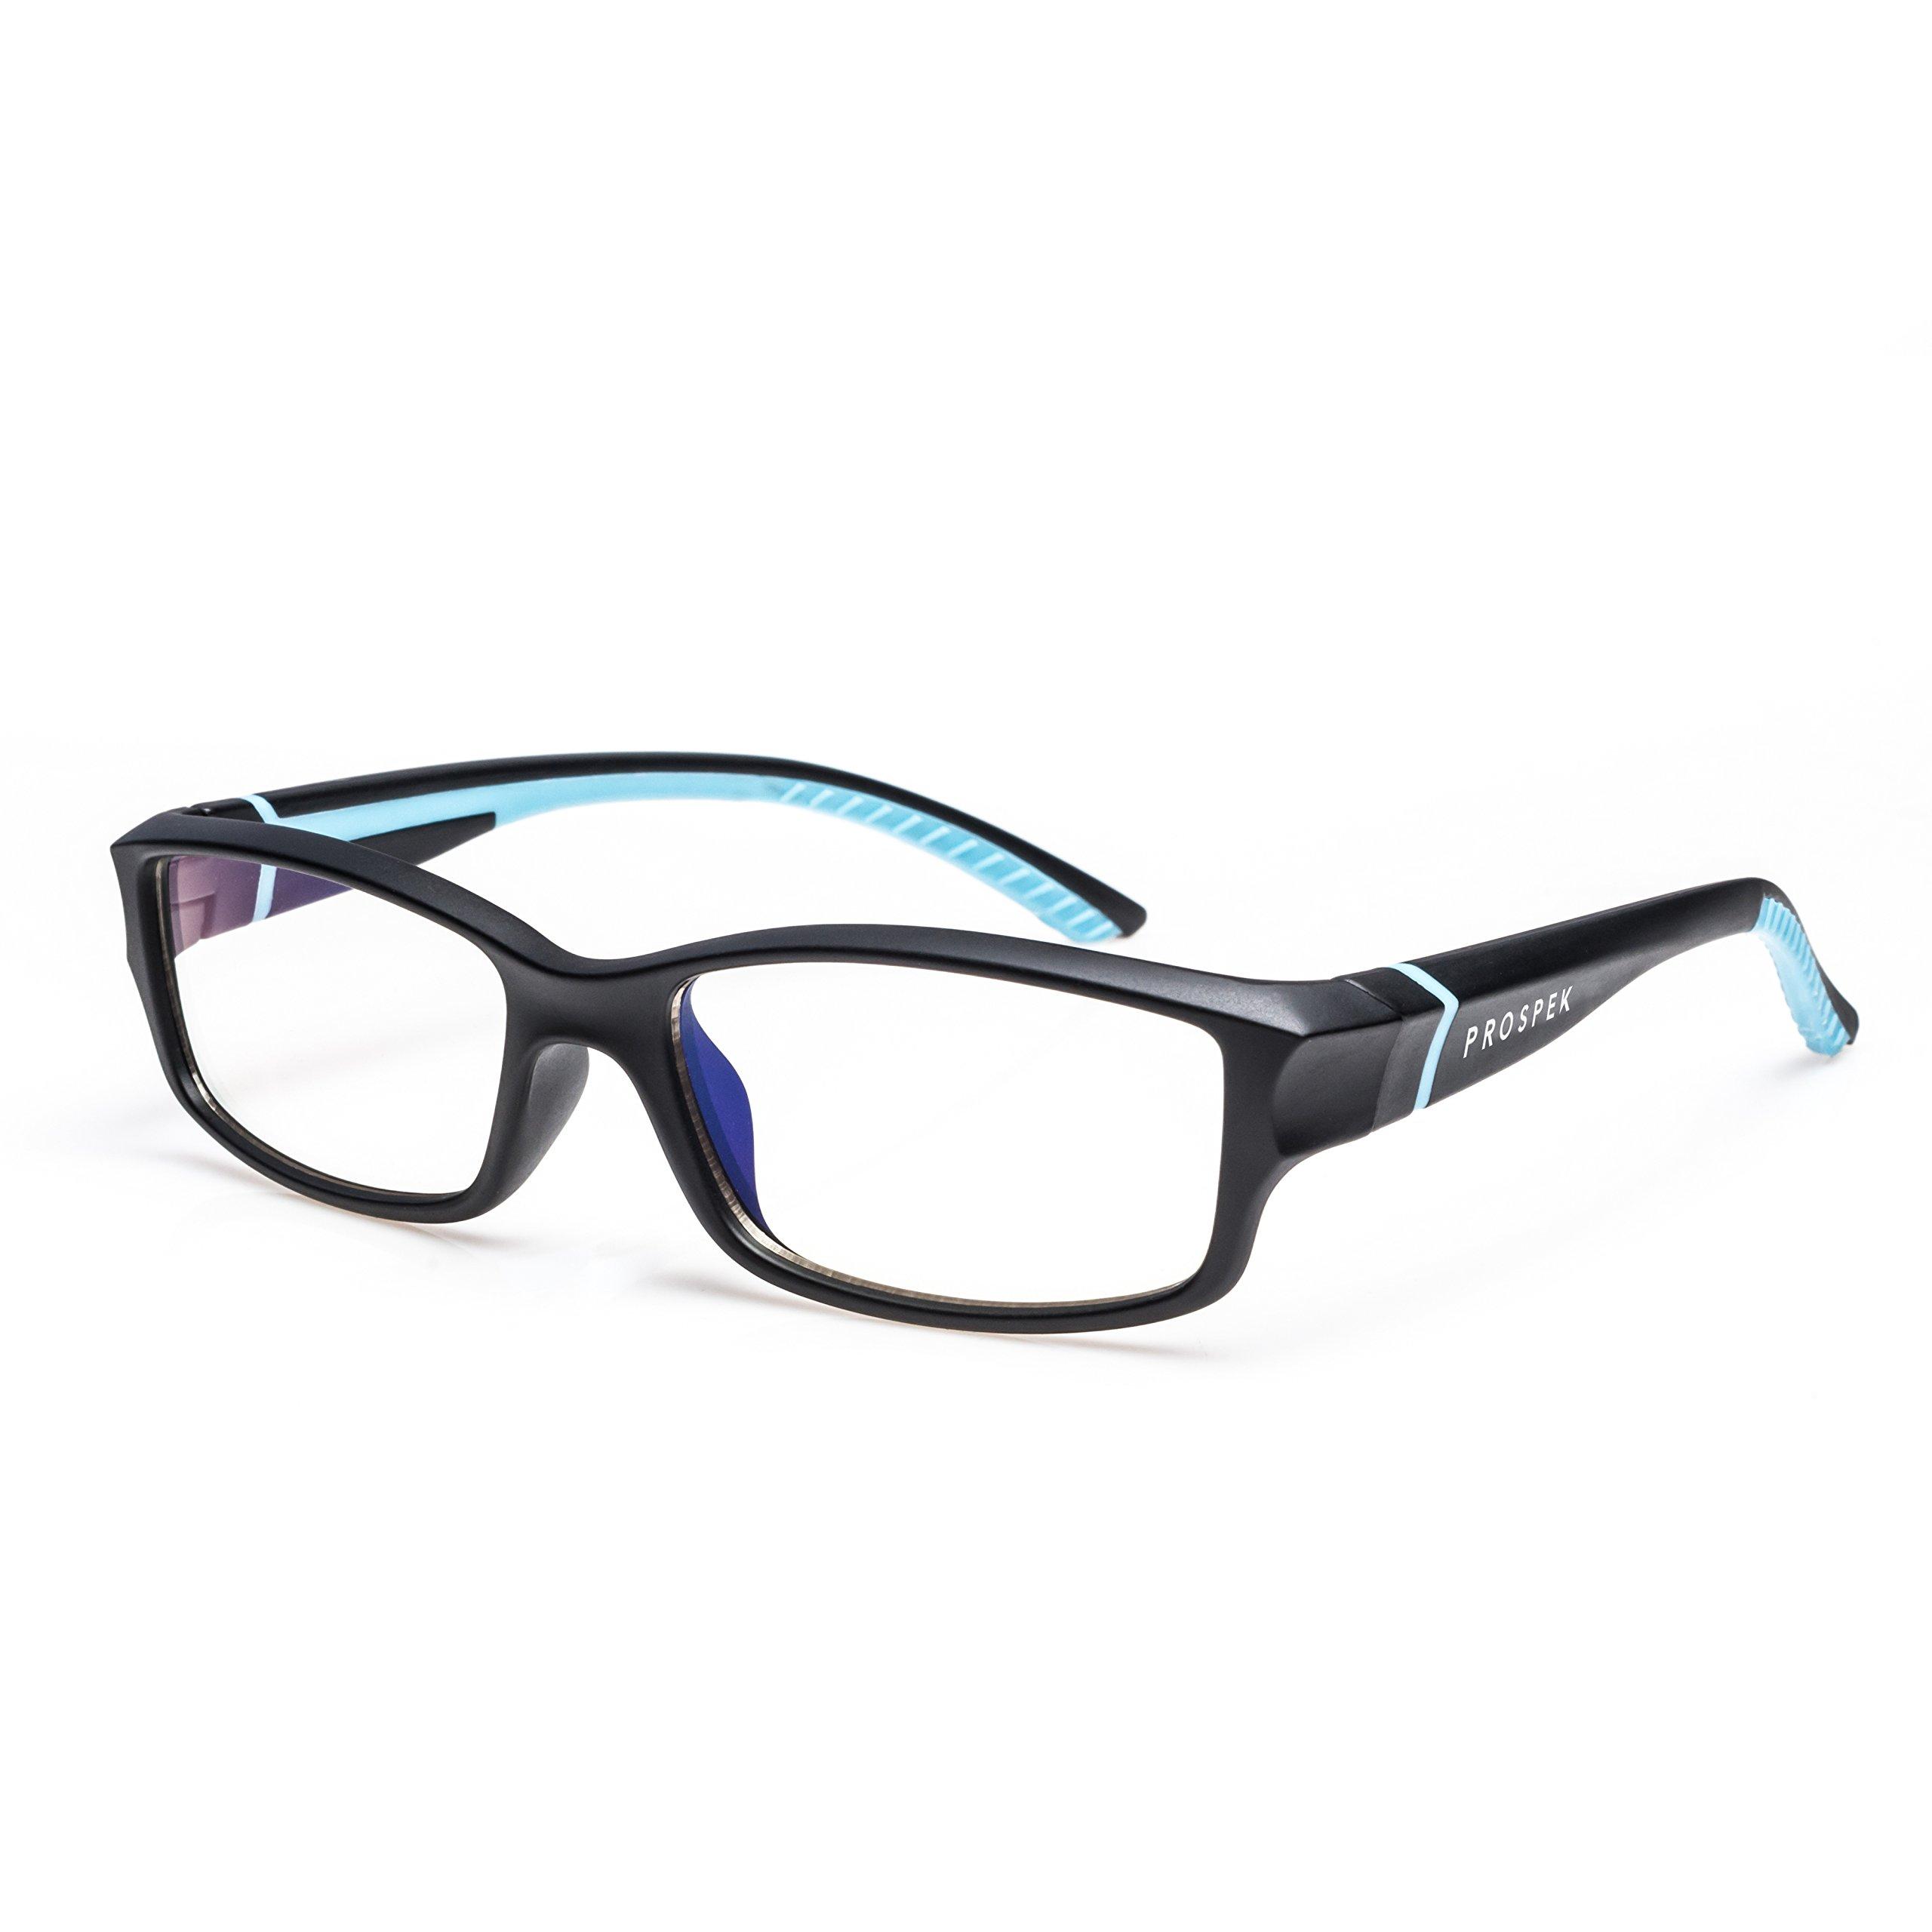 Prospek Computer Glasses - Blue Light Blocking Glasses - Peak by Prospek